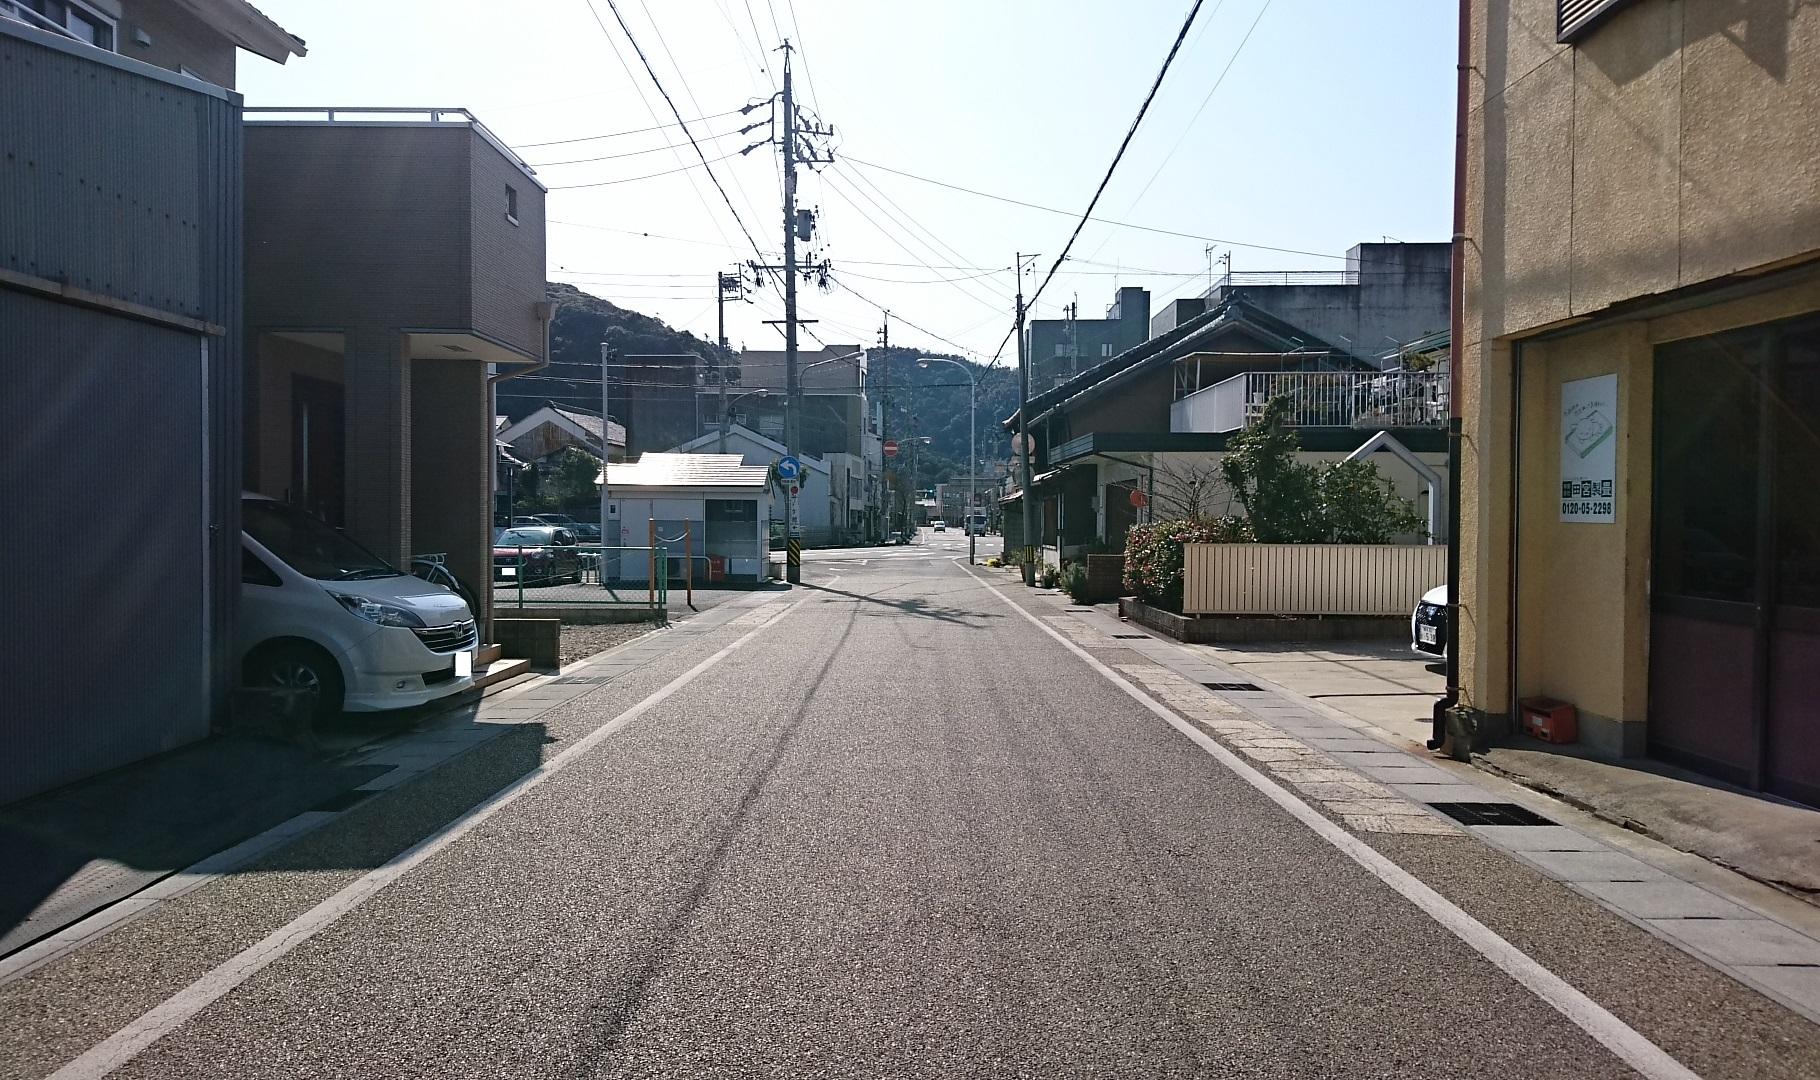 2018.2.19 岐阜 (155) みなみむき 1820-1080